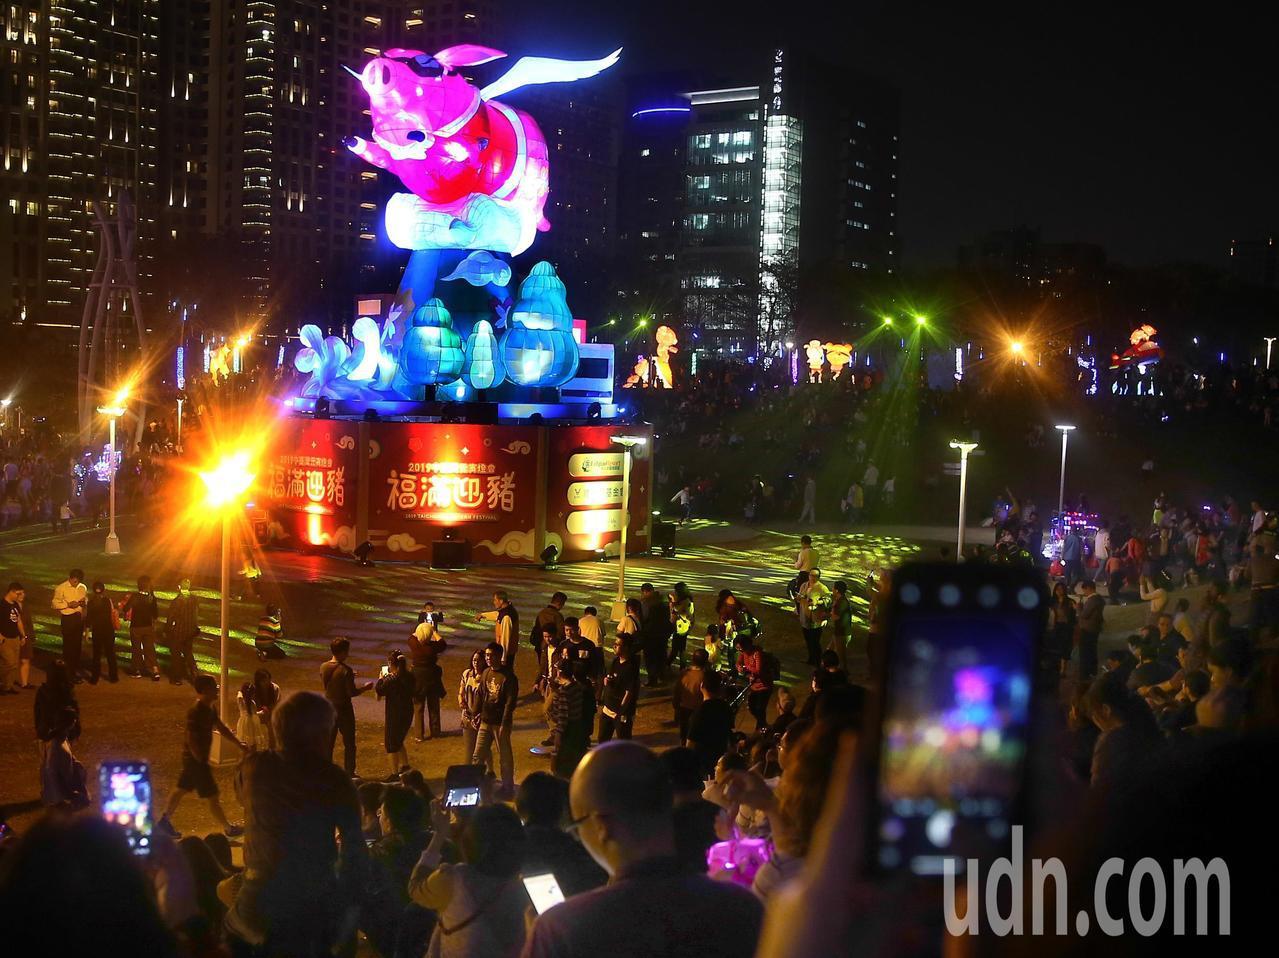 中台灣元宵燈會盛大登場,因適逢豬年,主燈以「御天飛行豬」為主題,意寓臺中富足民安...